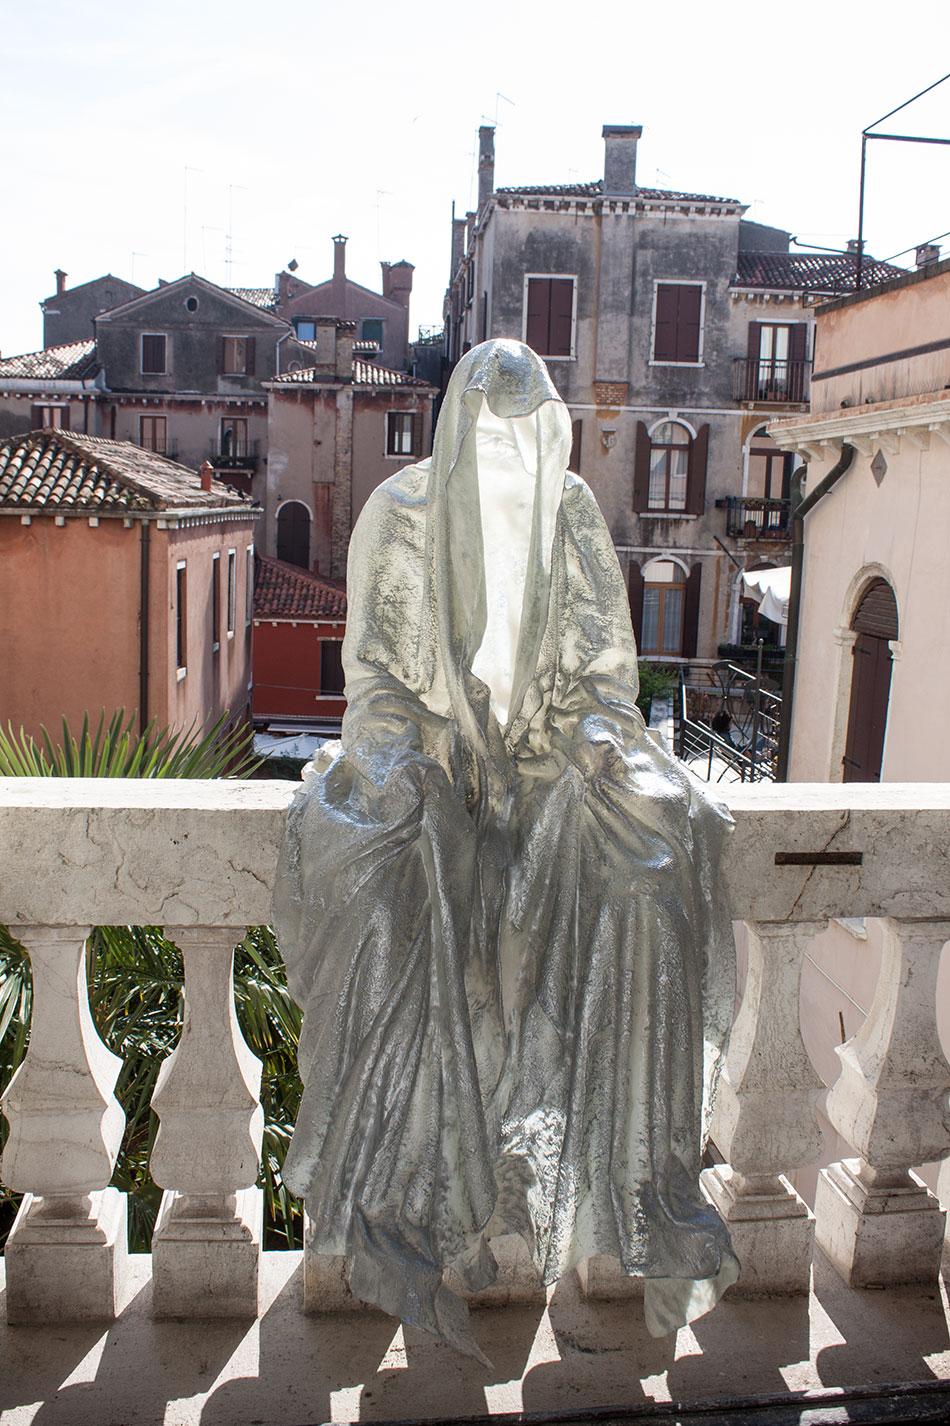 la-biennale-venezia-arte-venice-guardians-of-time-manfred-kili-kielnhofer-contemporary-art-arts-design-sculpture-performance-show-8246